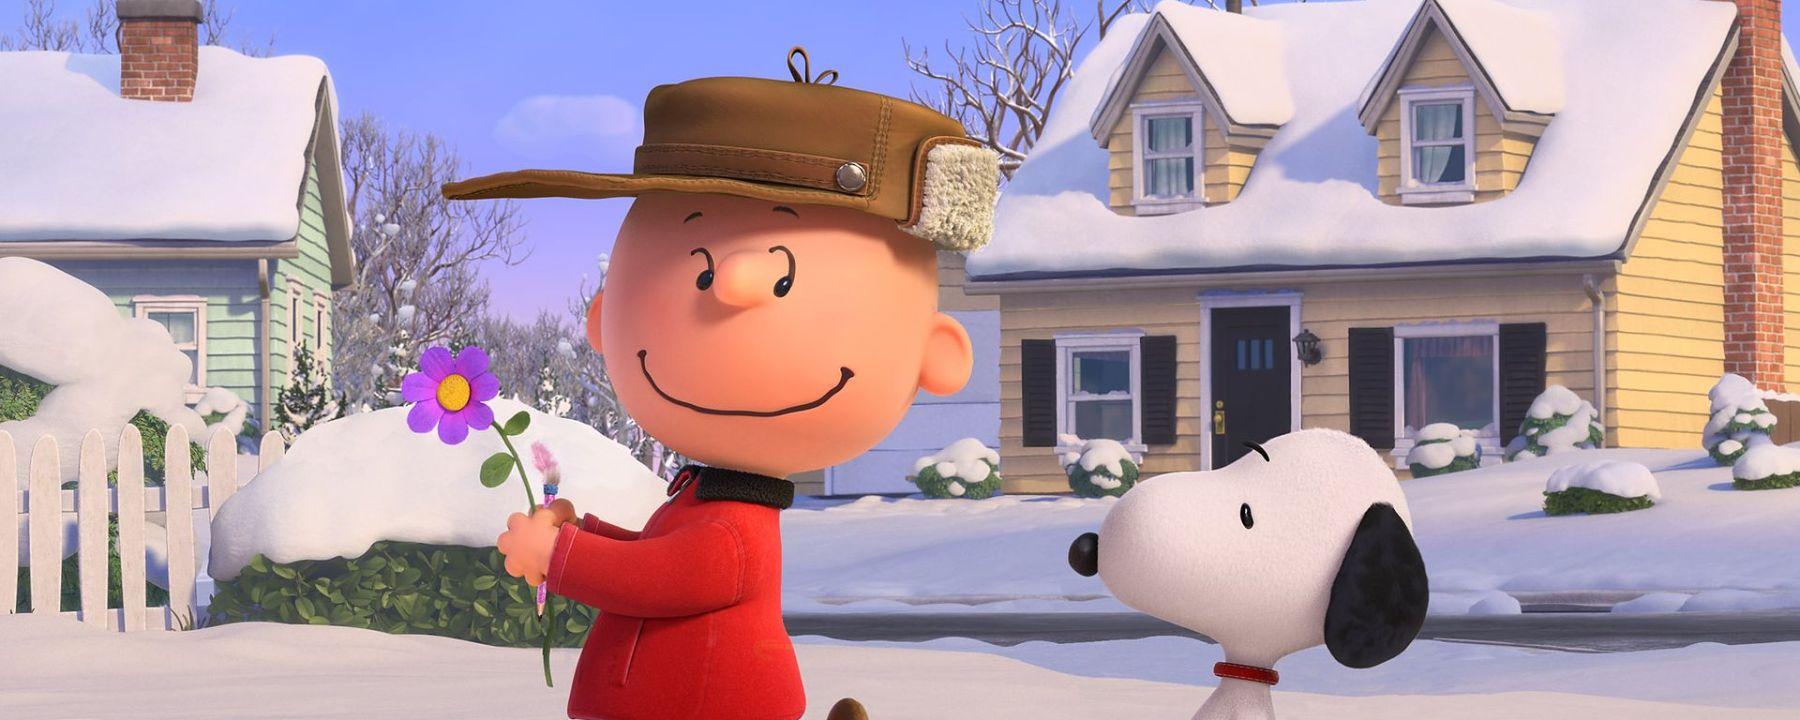 peanuts charlie brown snoopy